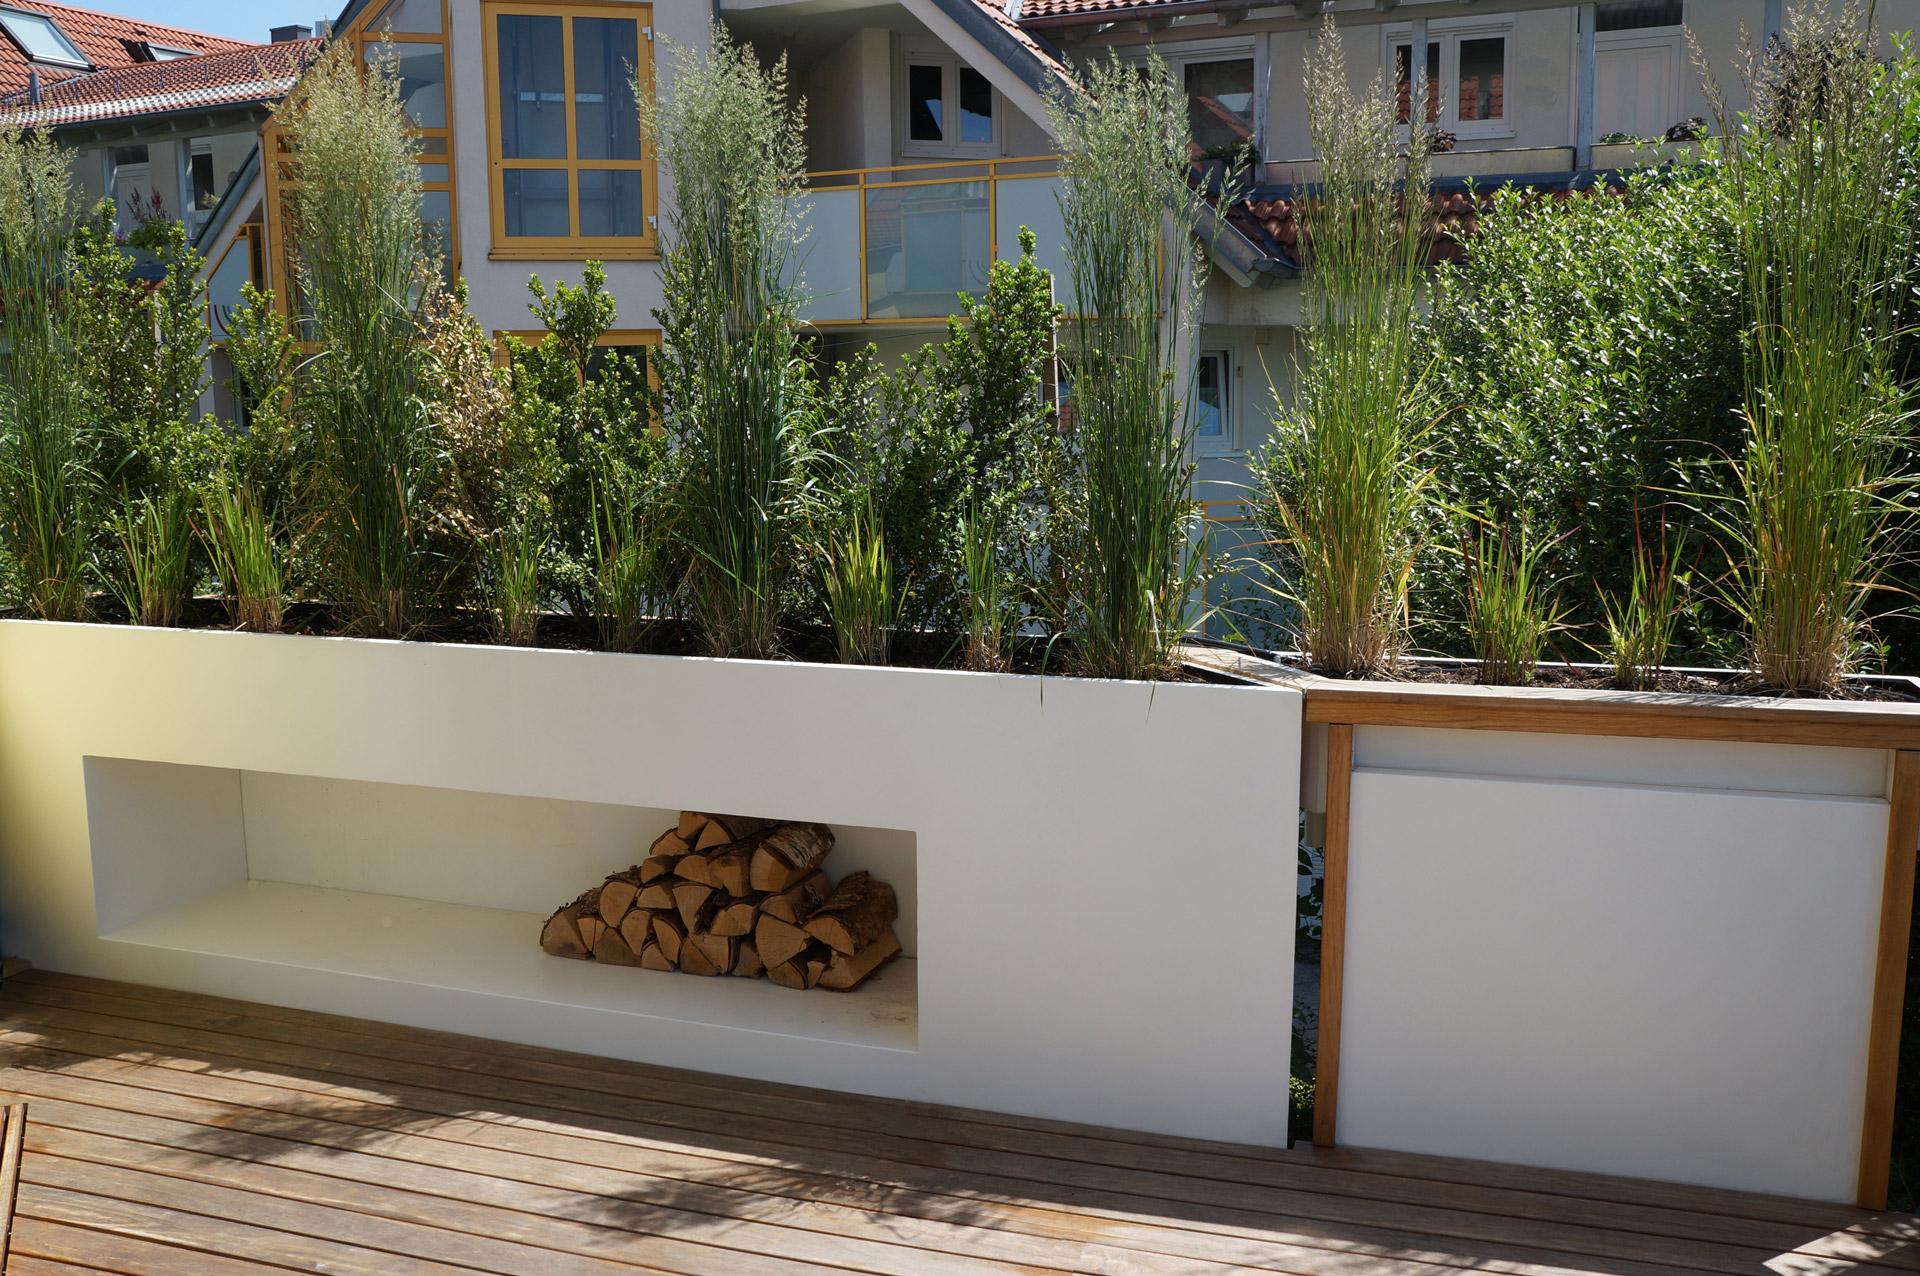 luxus pflanzk bel als sichtschutz einzigartige ideen zum sichtschutz. Black Bedroom Furniture Sets. Home Design Ideas